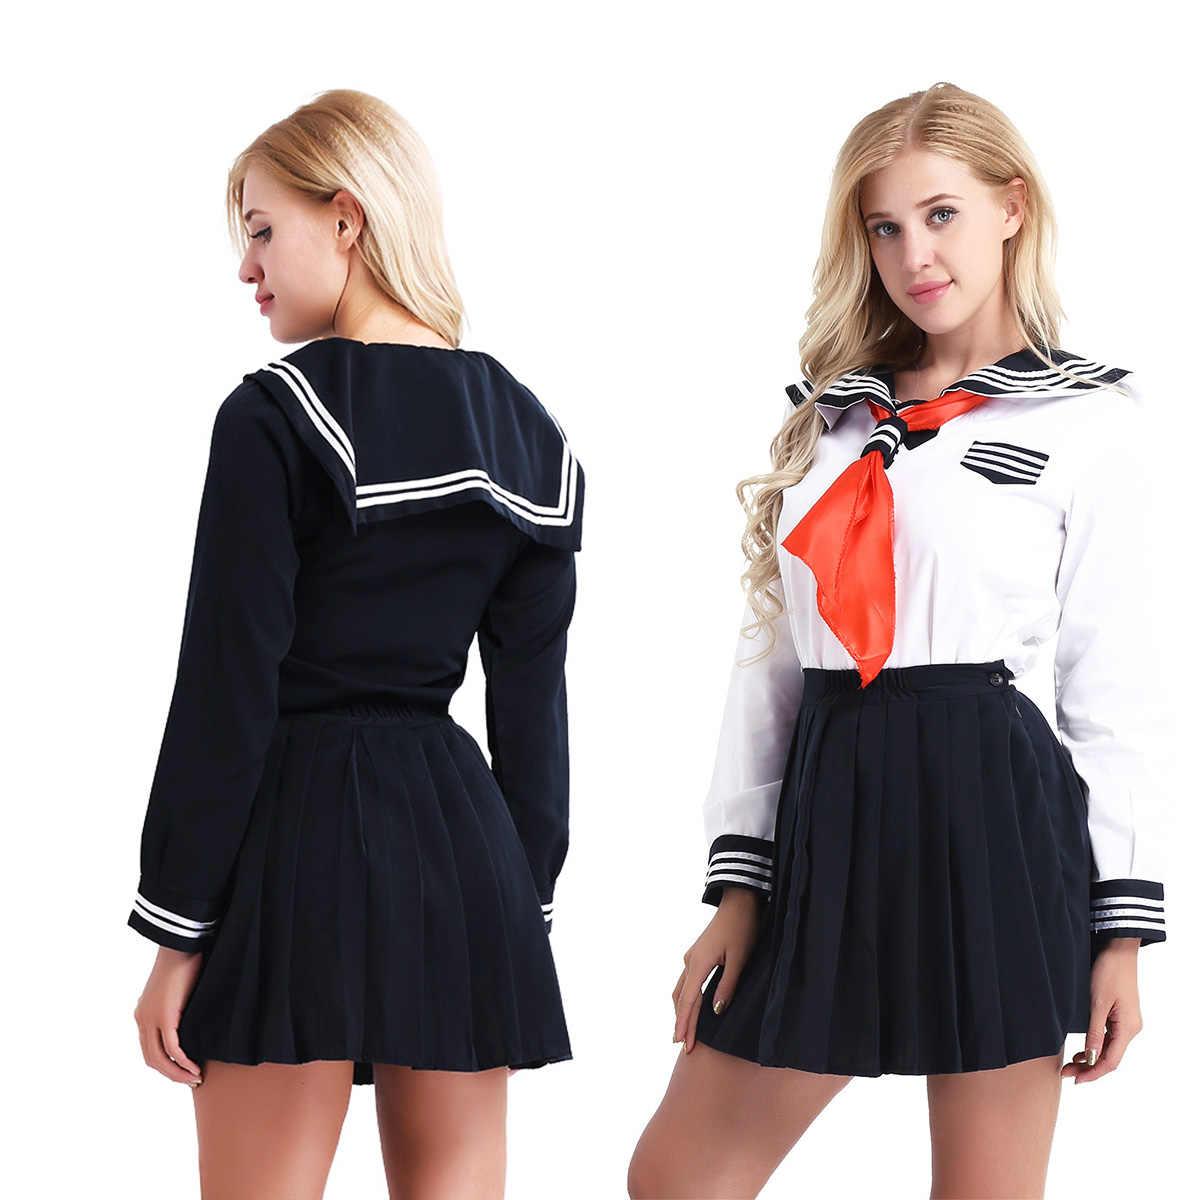 Женский карнавальный костюм для девочек школьная форма в стиле моряка нарядный костюм рубашка с длинными рукавами и плиссированная юбка и треугольный шейный платок